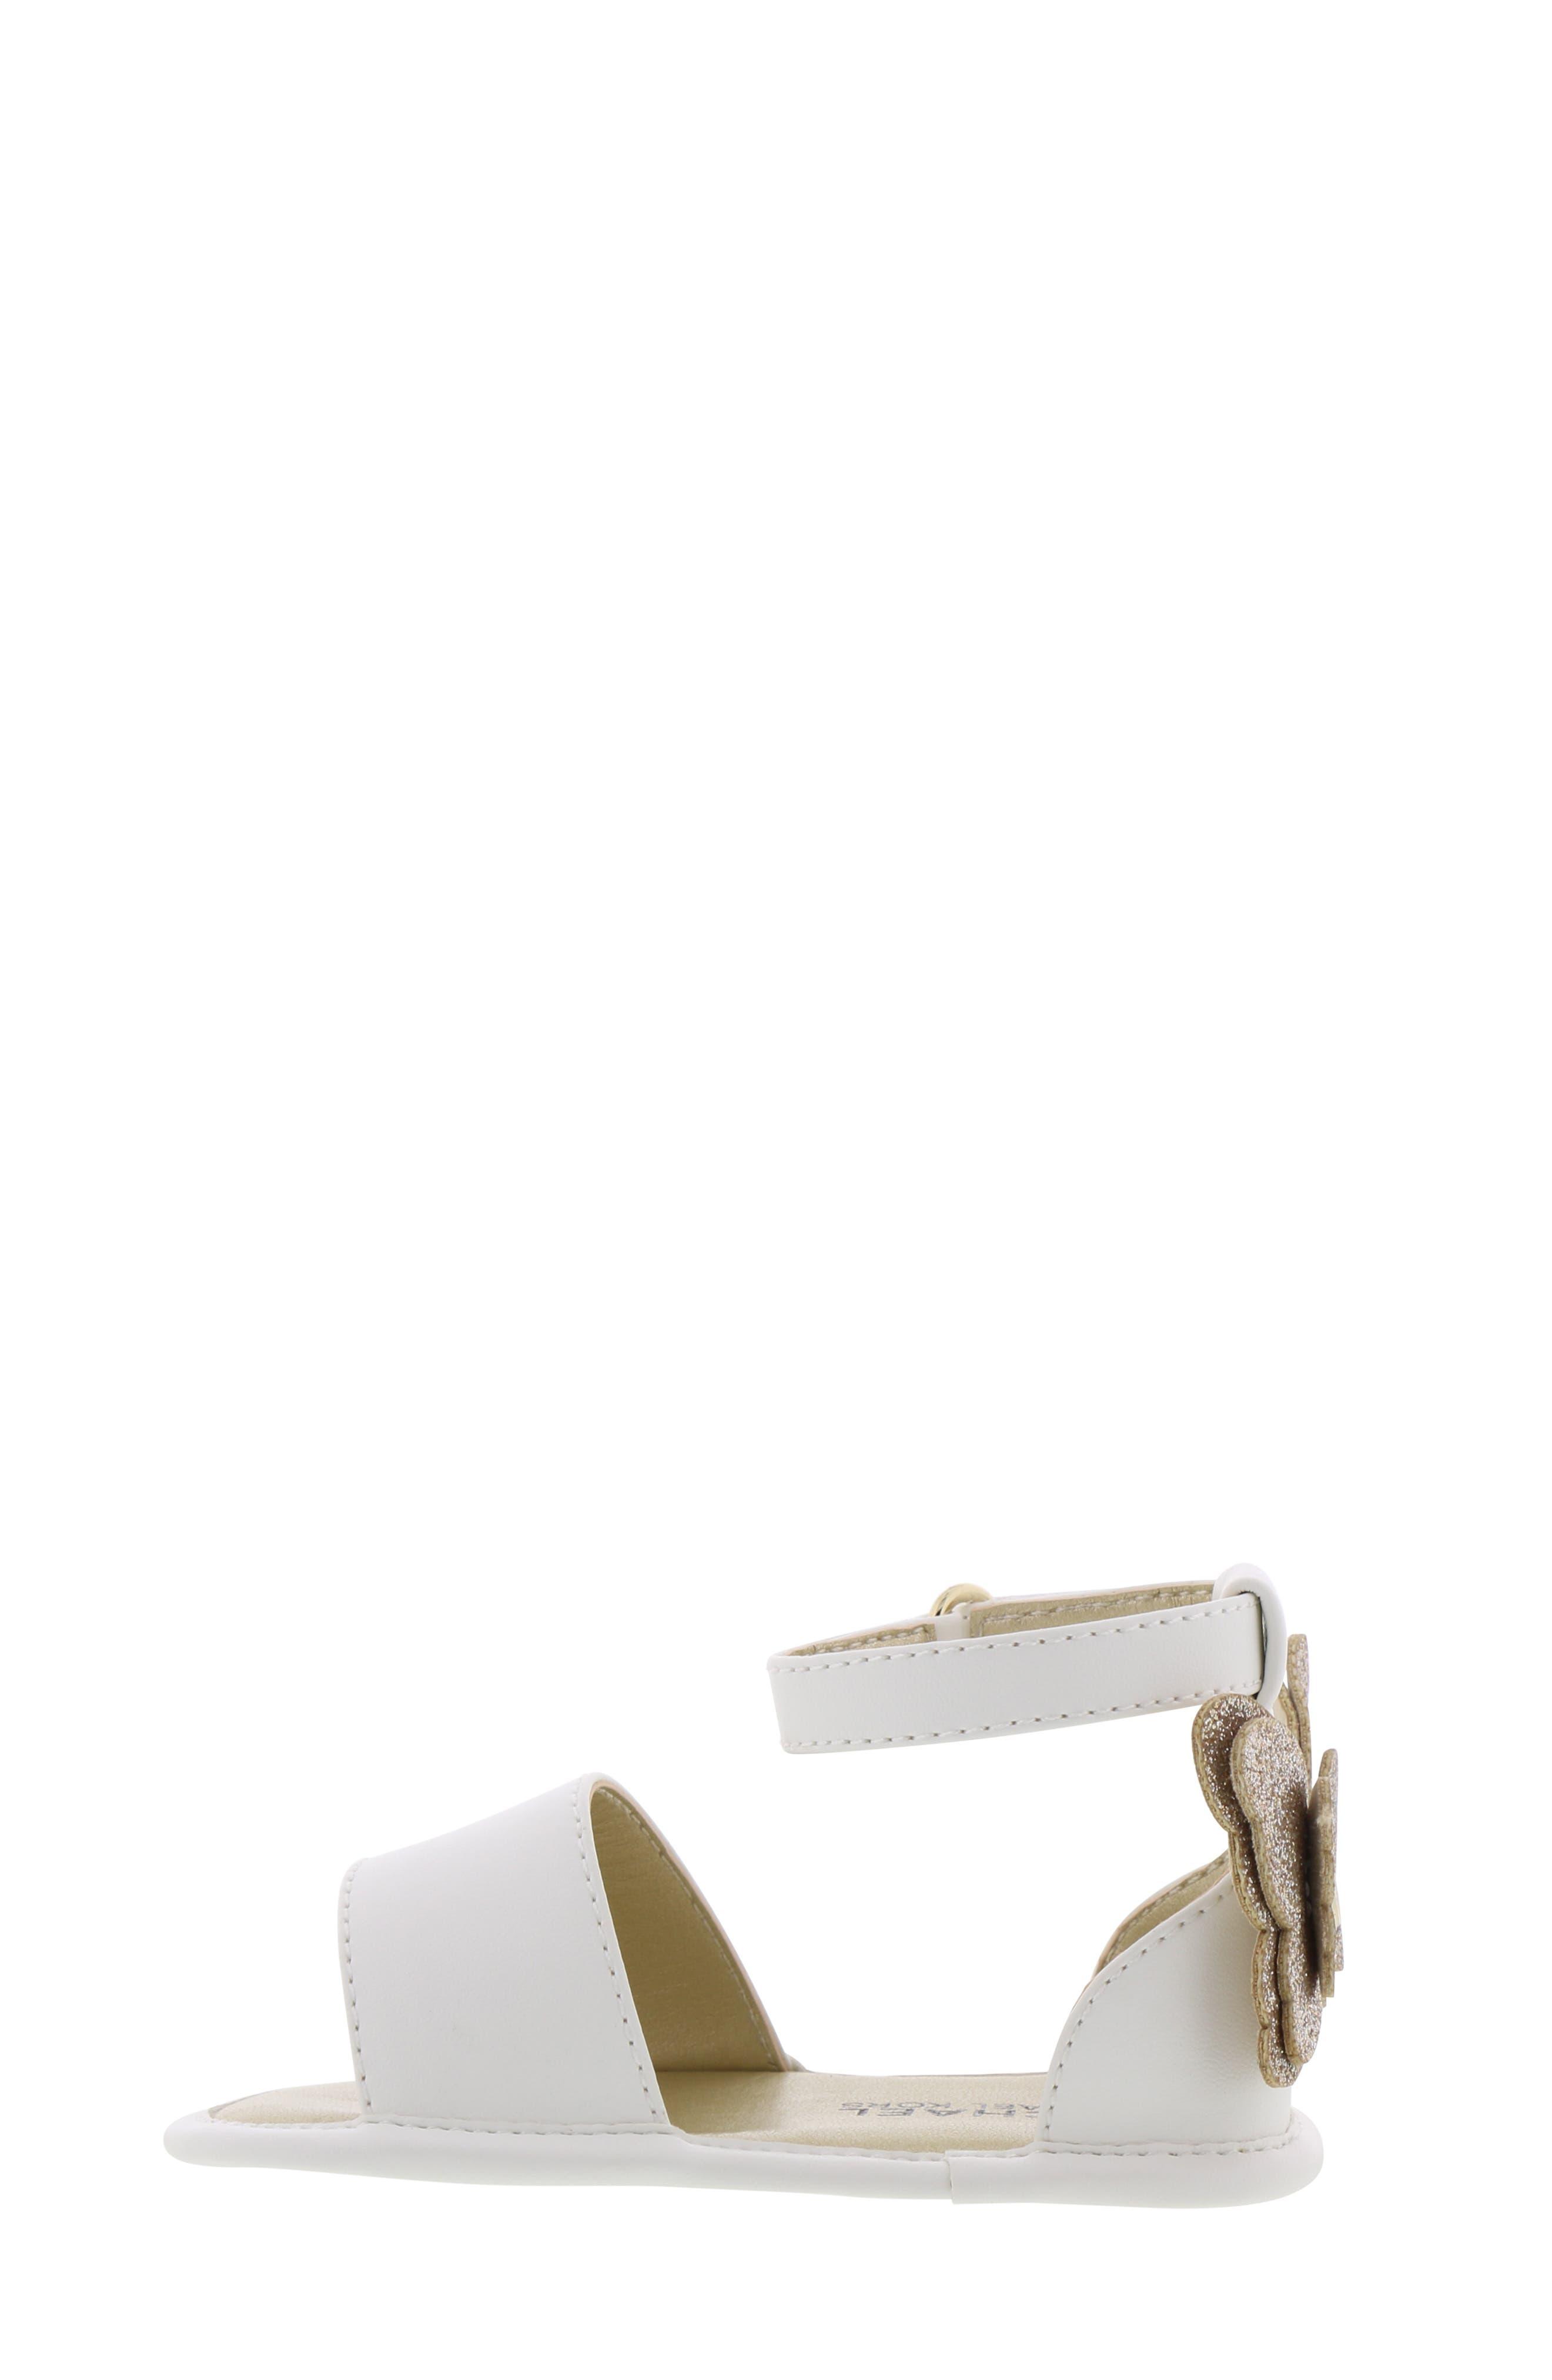 Tilly Sansa Glitter Sandal,                             Alternate thumbnail 8, color,                             WHITE